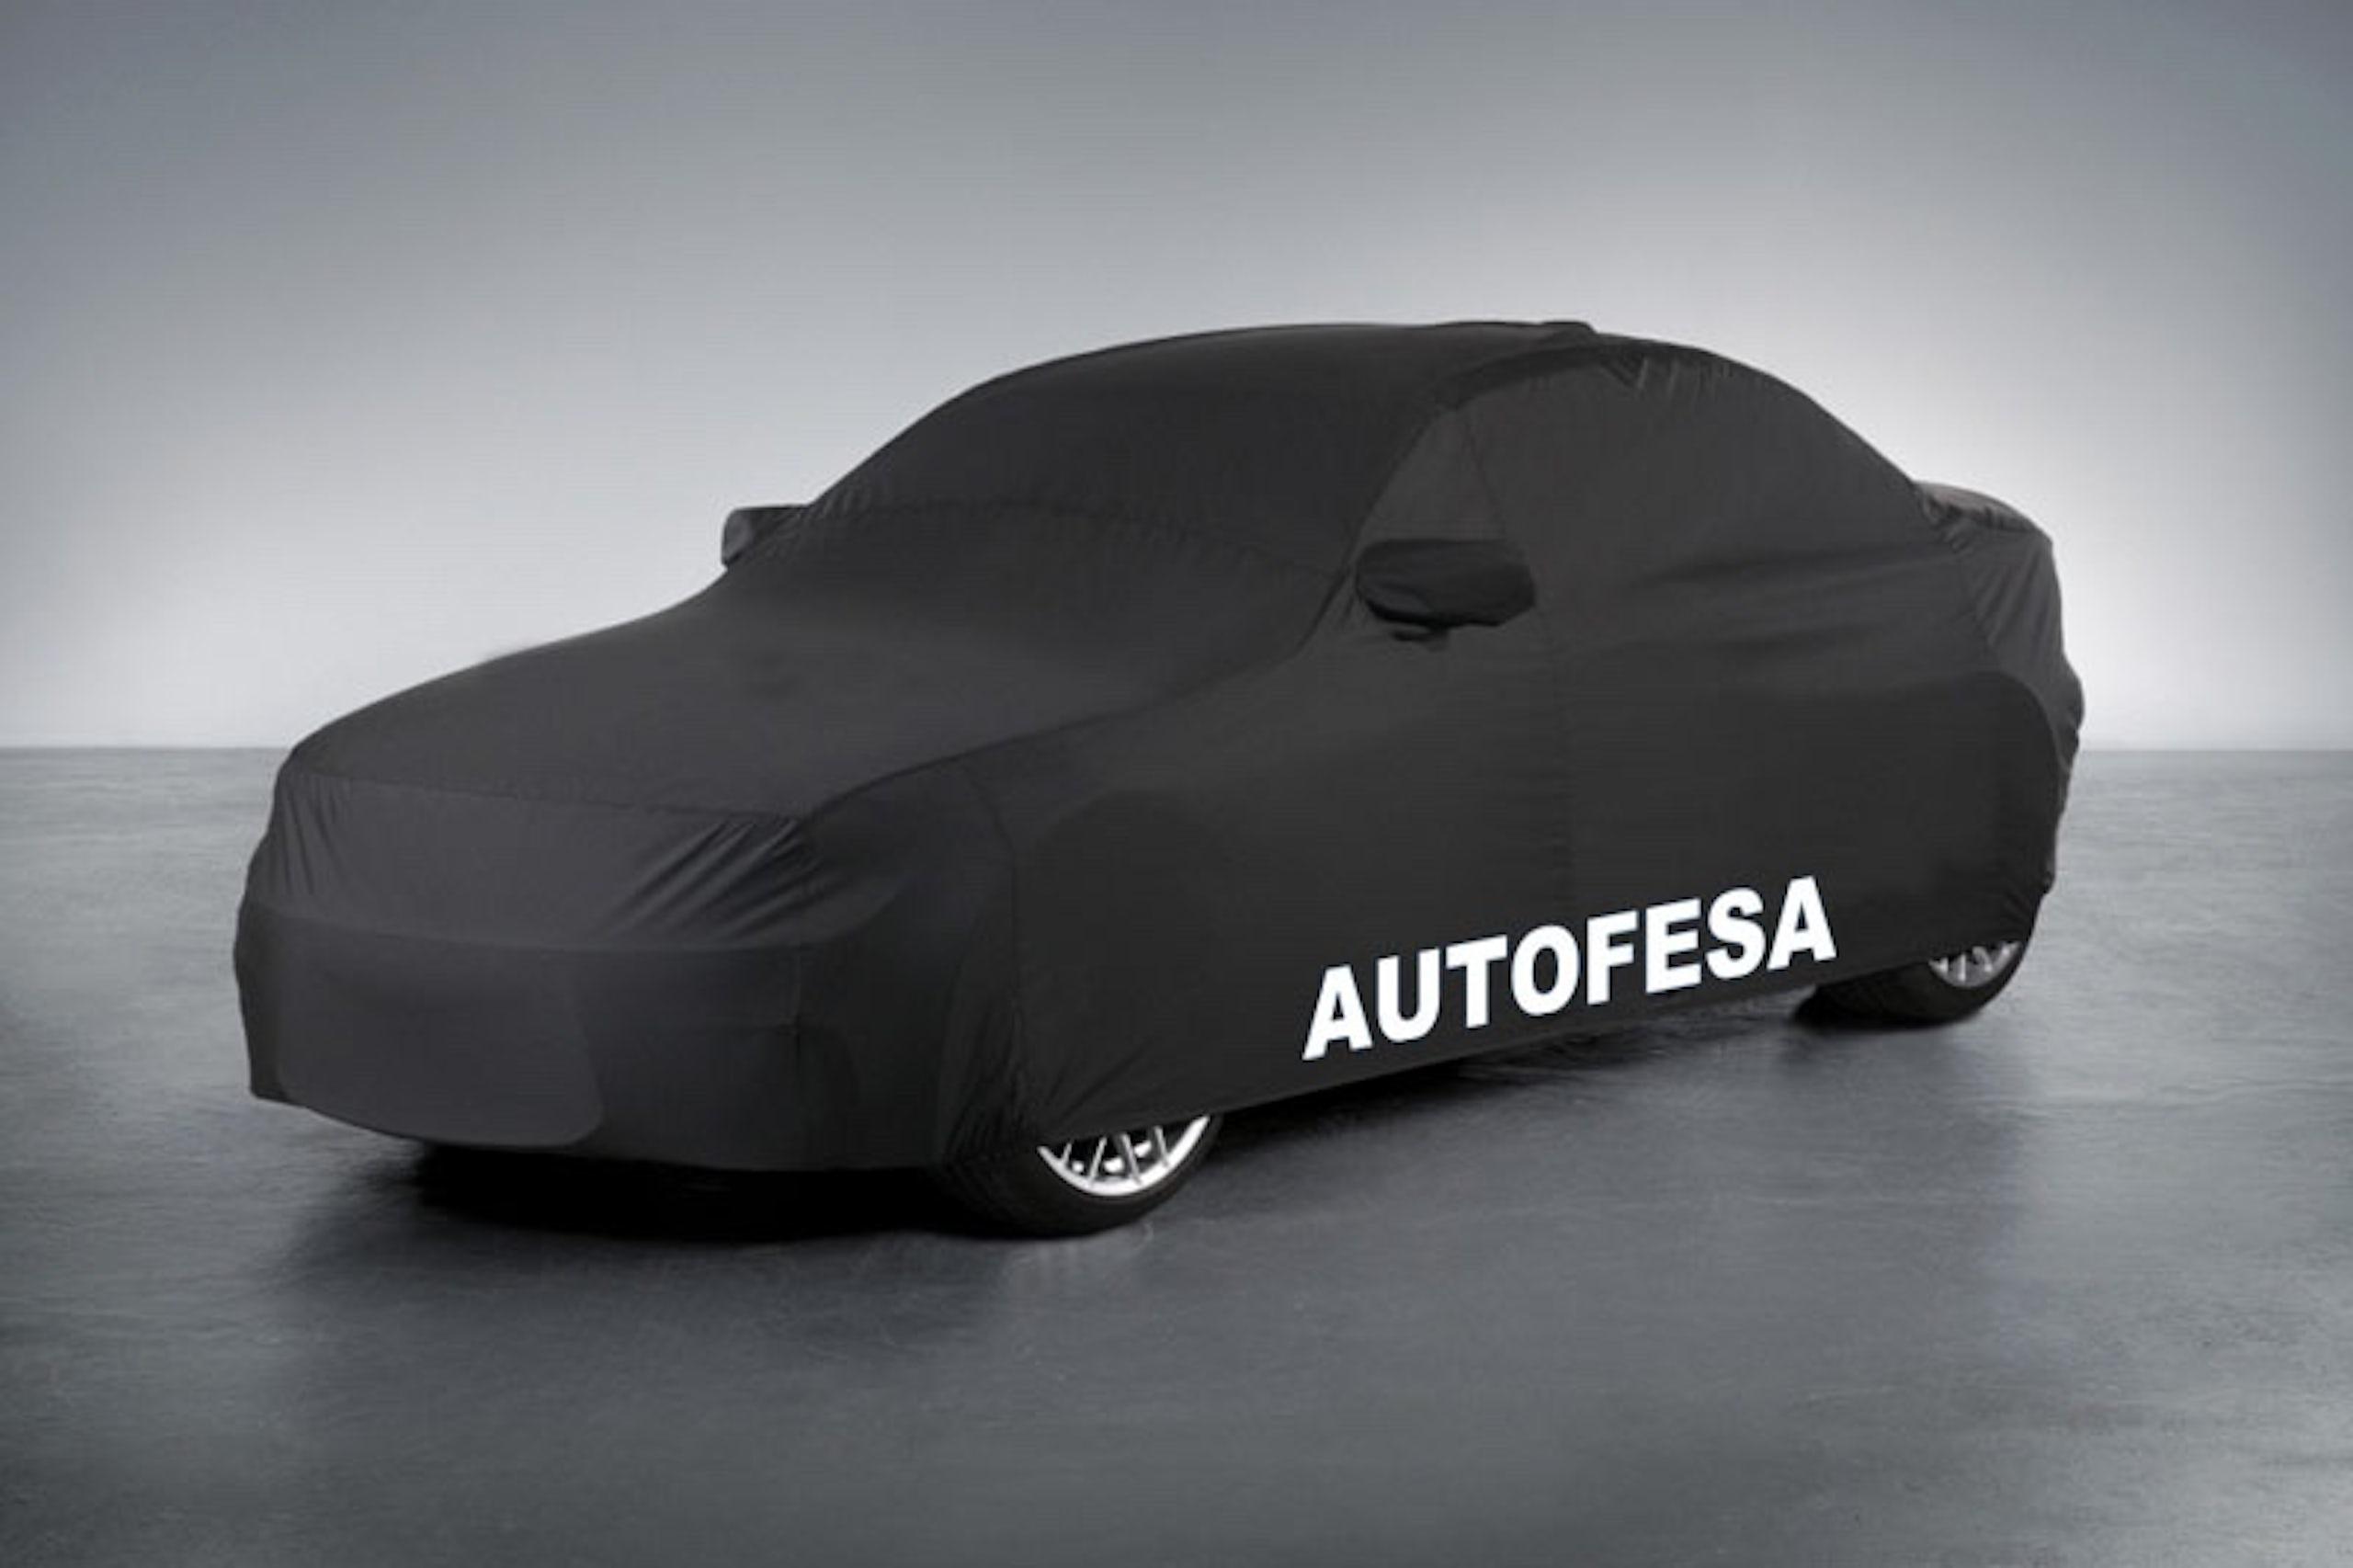 Audi Tts S Coupé 2.0 TFSI 245cv quattro S Line 3p S tronic Auto S/S - Foto 40